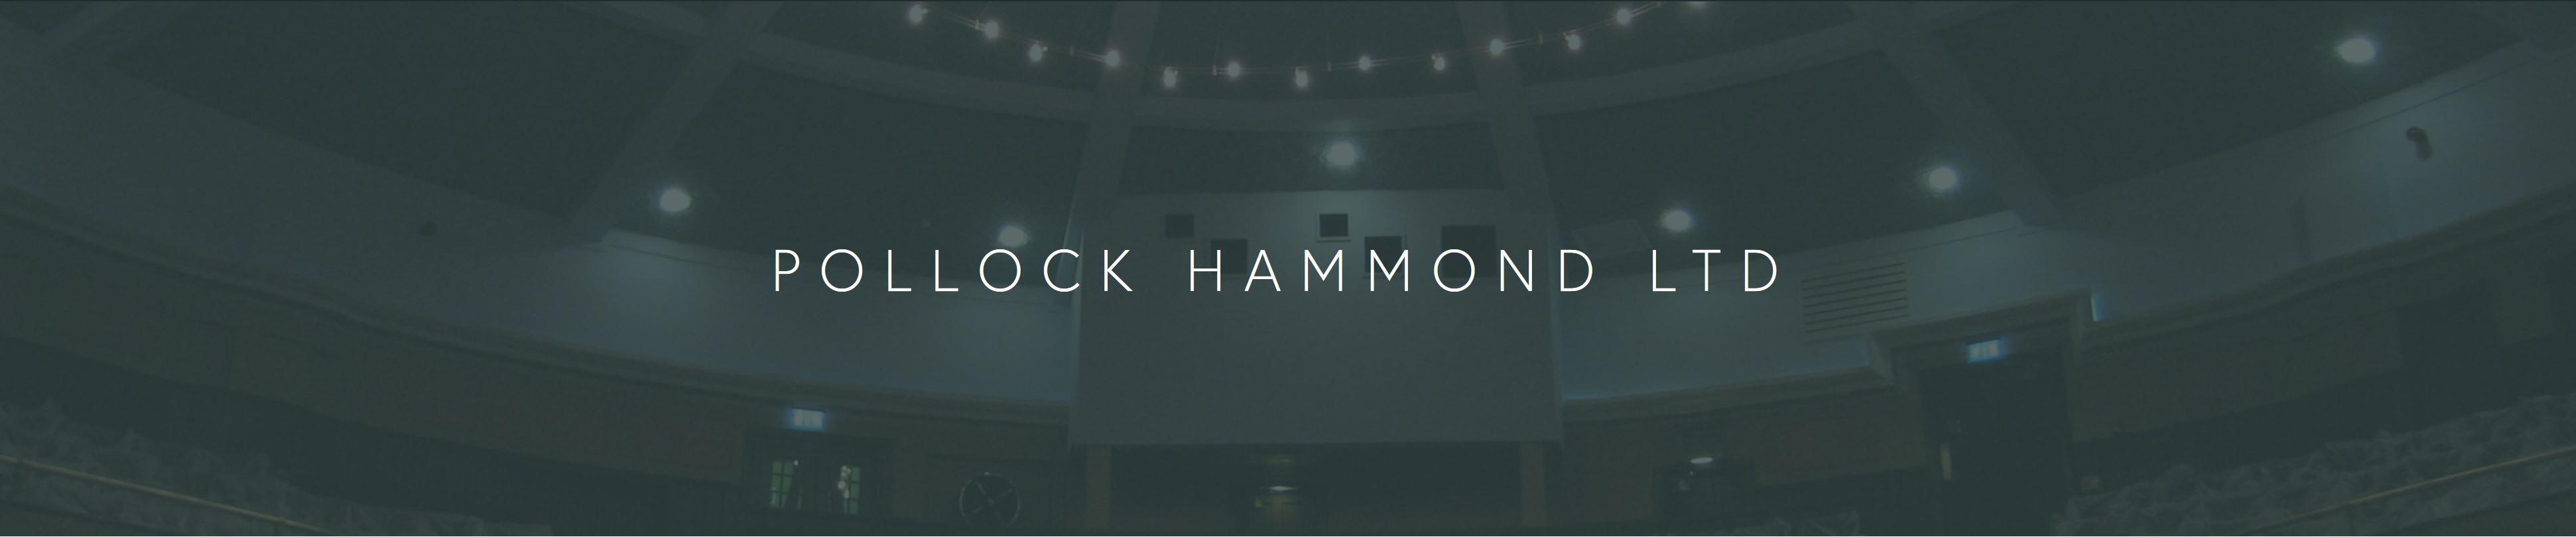 Pollock Hammond Partnership